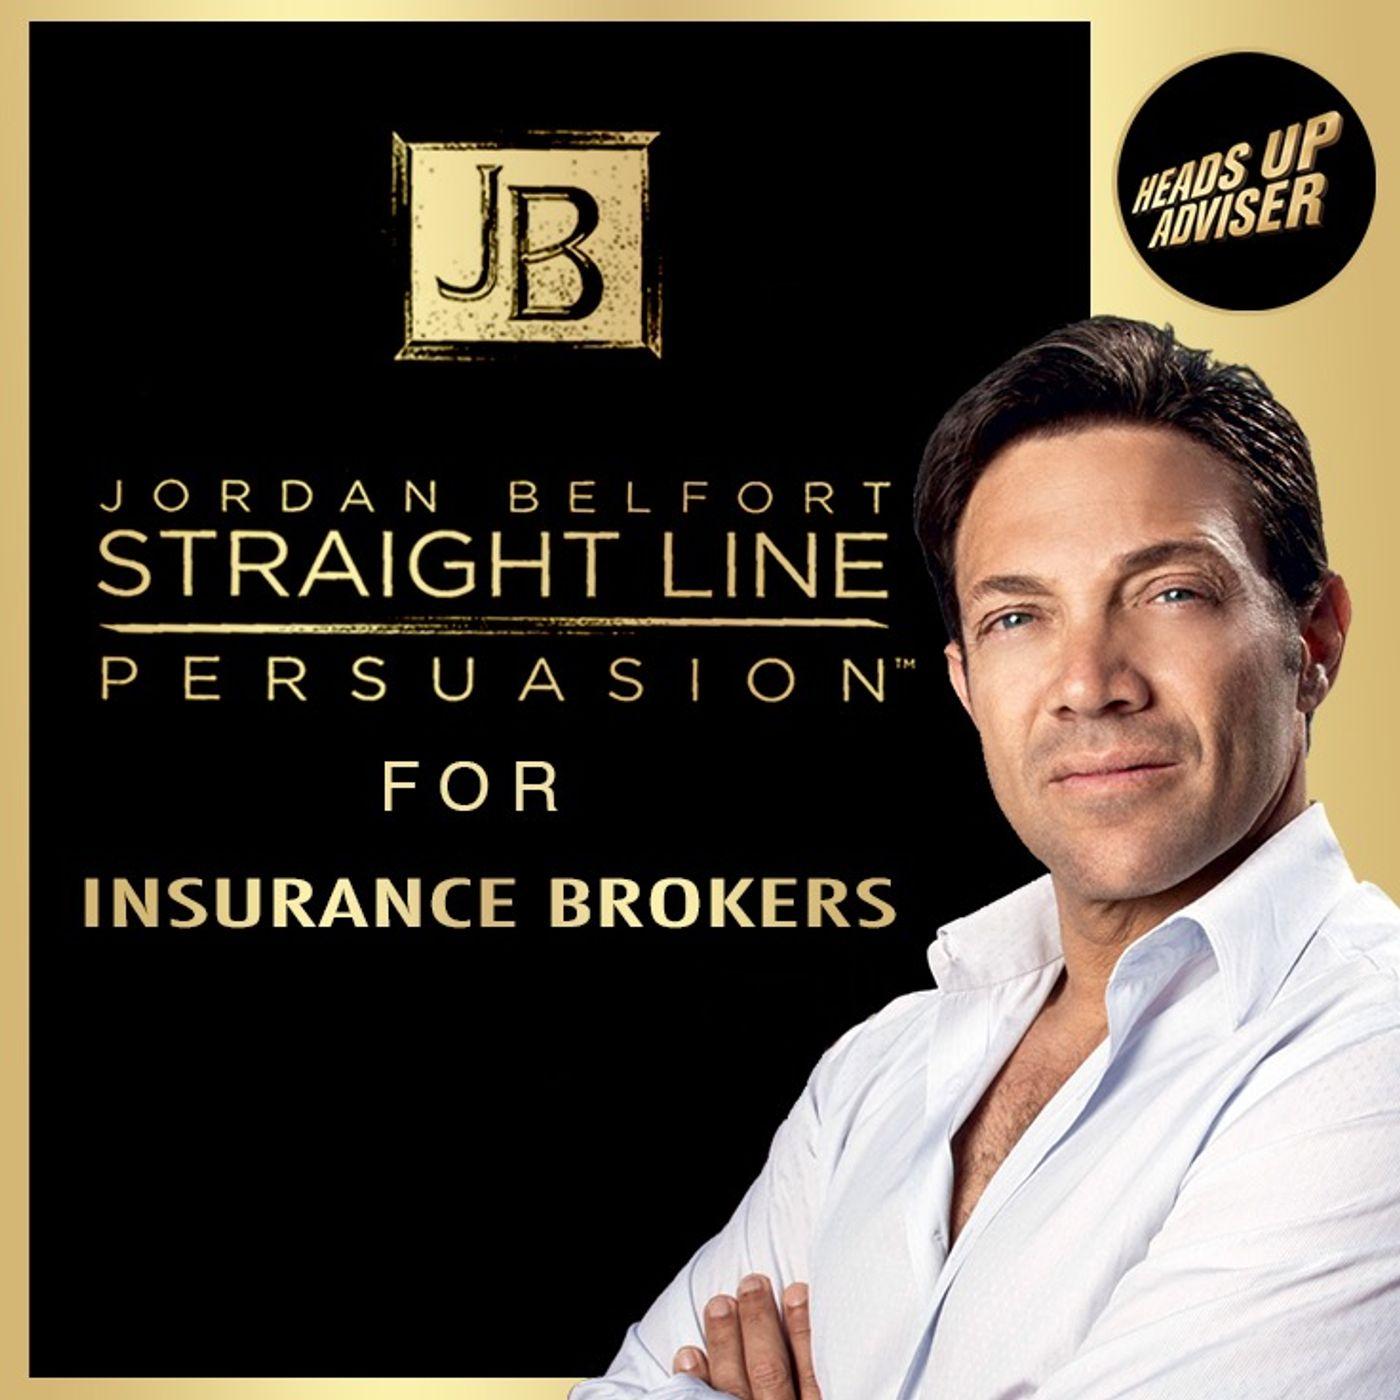 Jordan Belfort - Straight Line Persuasion For Insurance Brokers